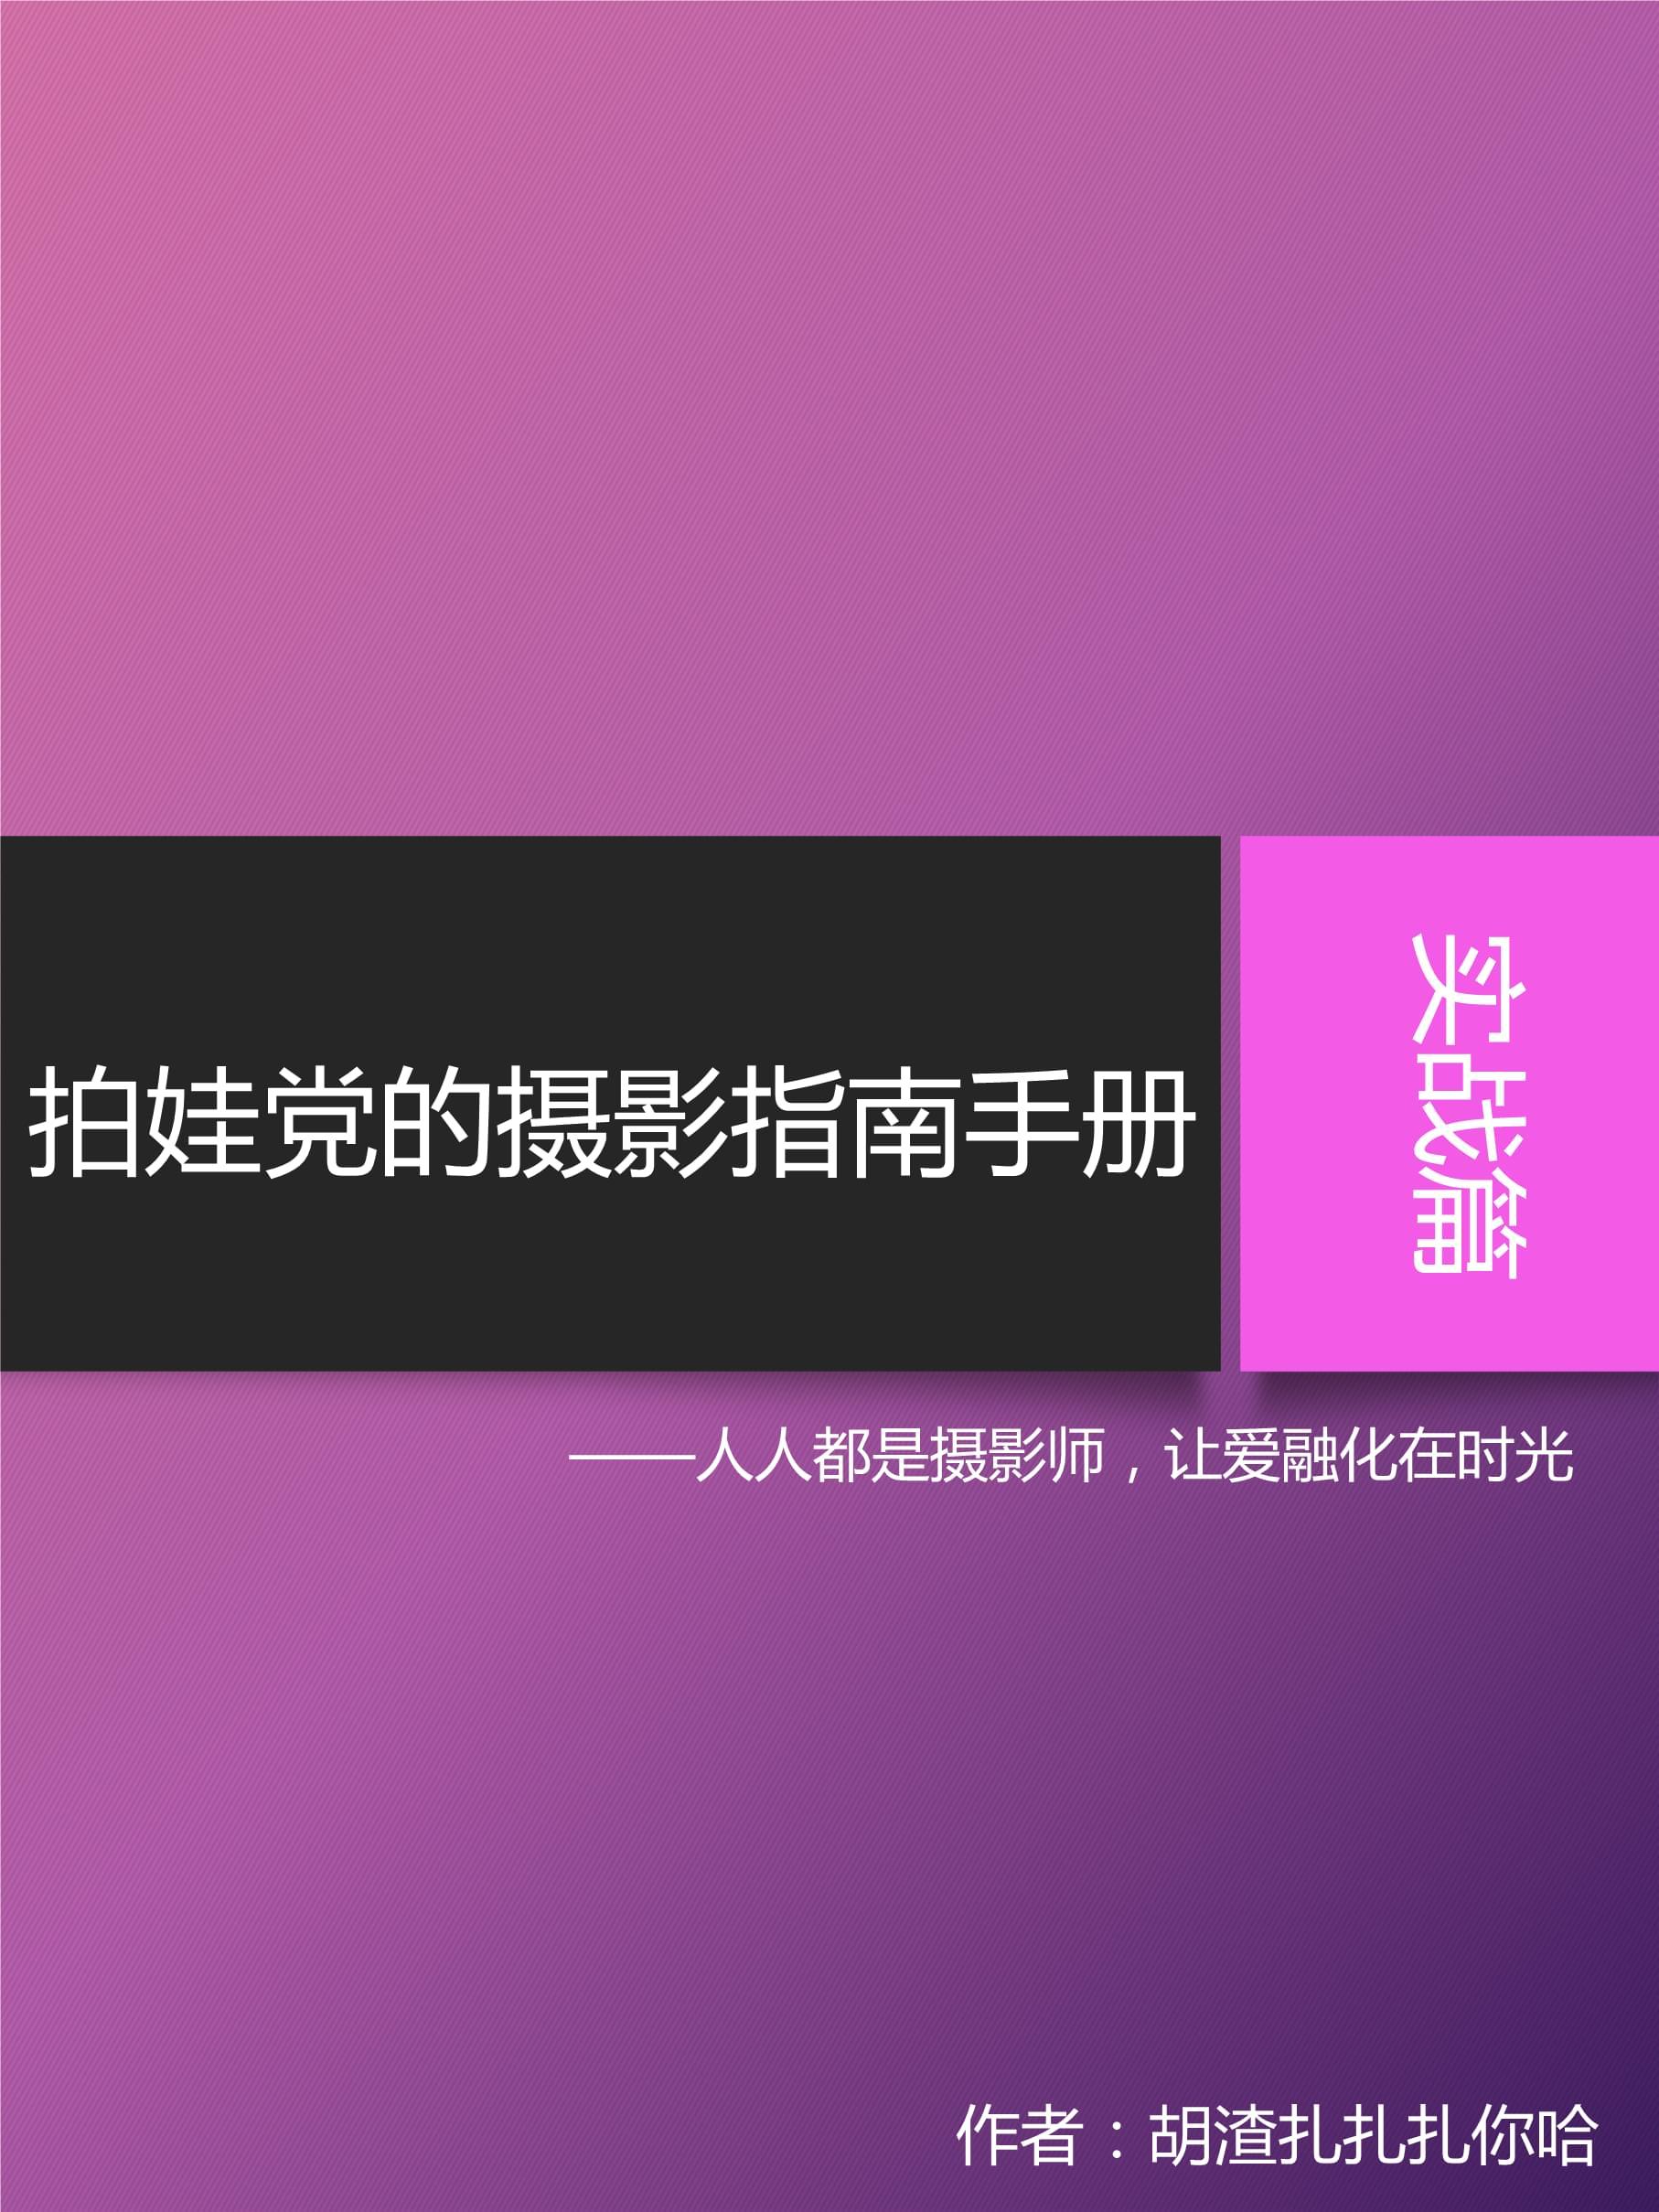 拍娃党的摄影指南手册(实战篇)20150324.pptx